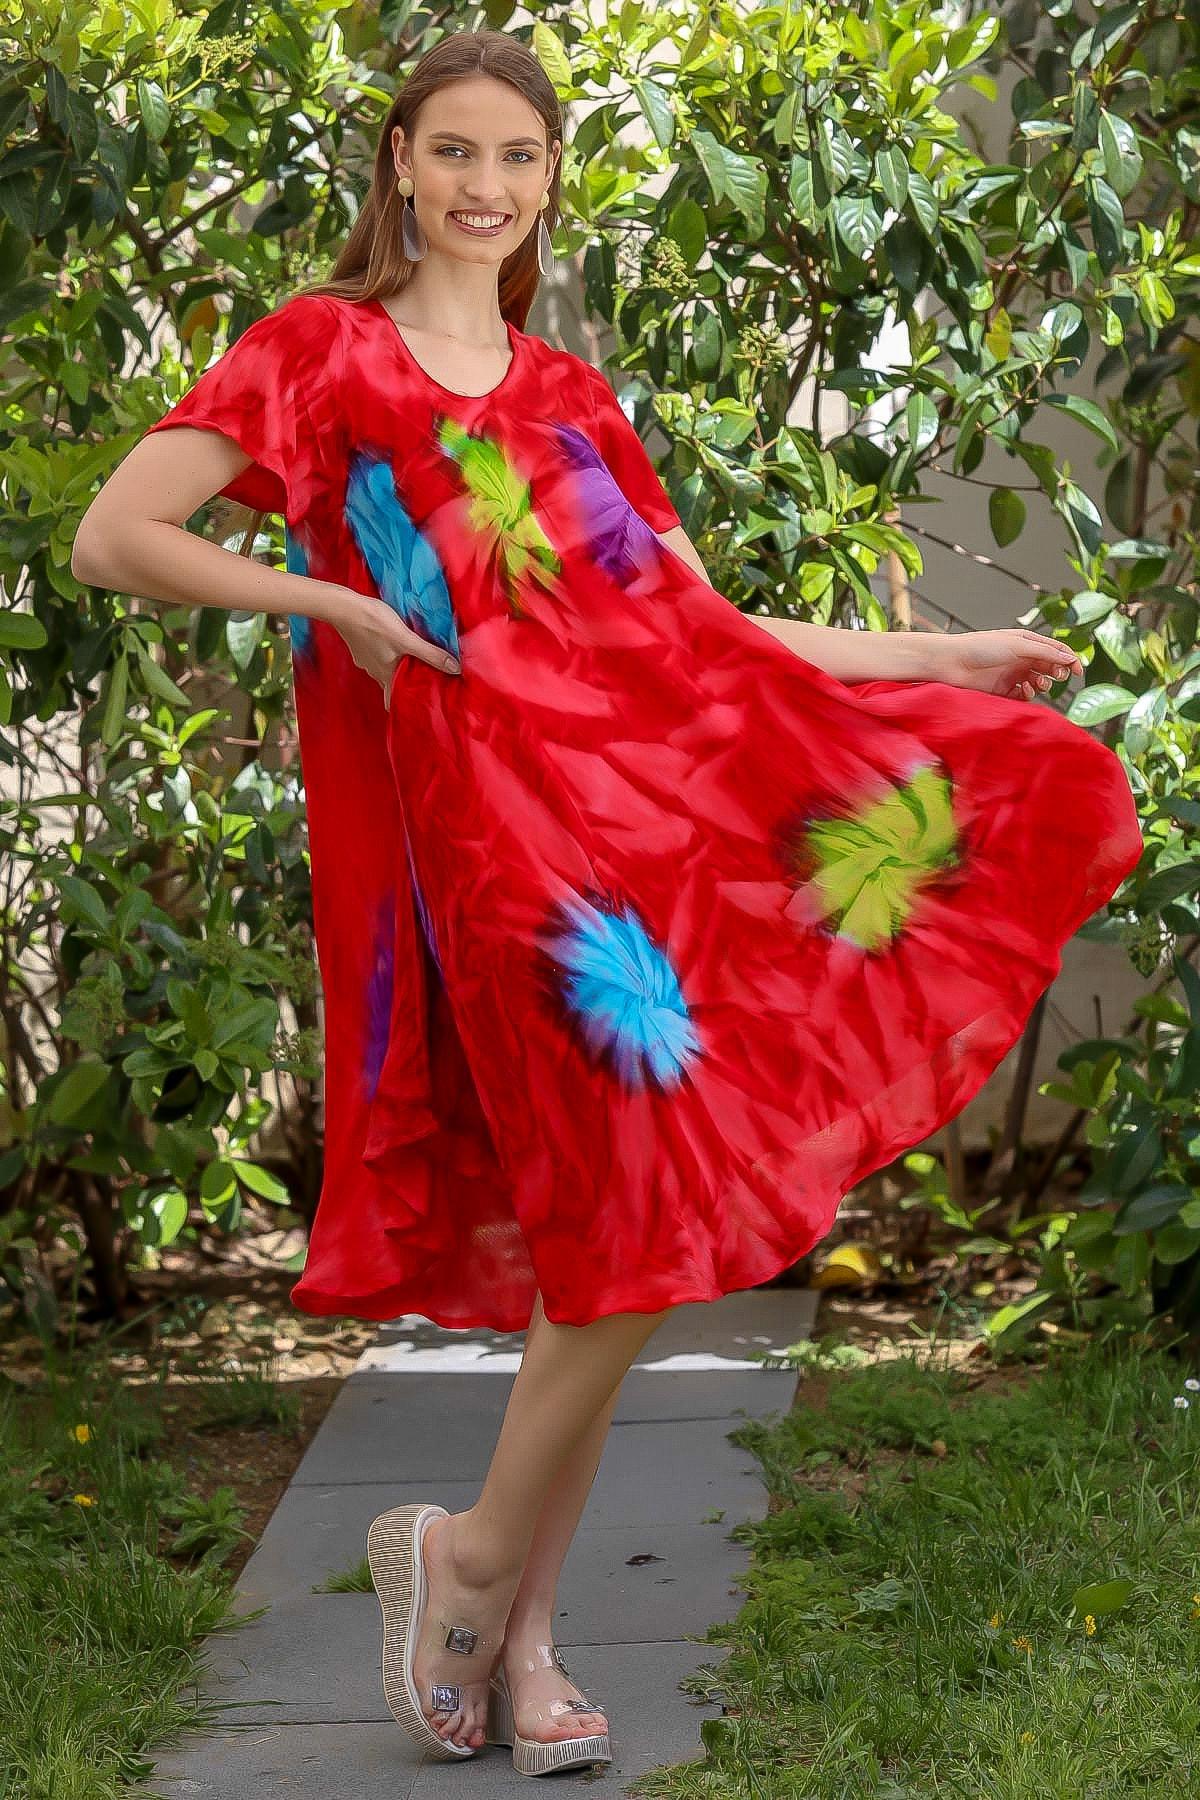 Chiccy Kadın Kırmızı Kısa Kollu Çiçek Desenli Batik Salaş Elbise M10160000EL94903